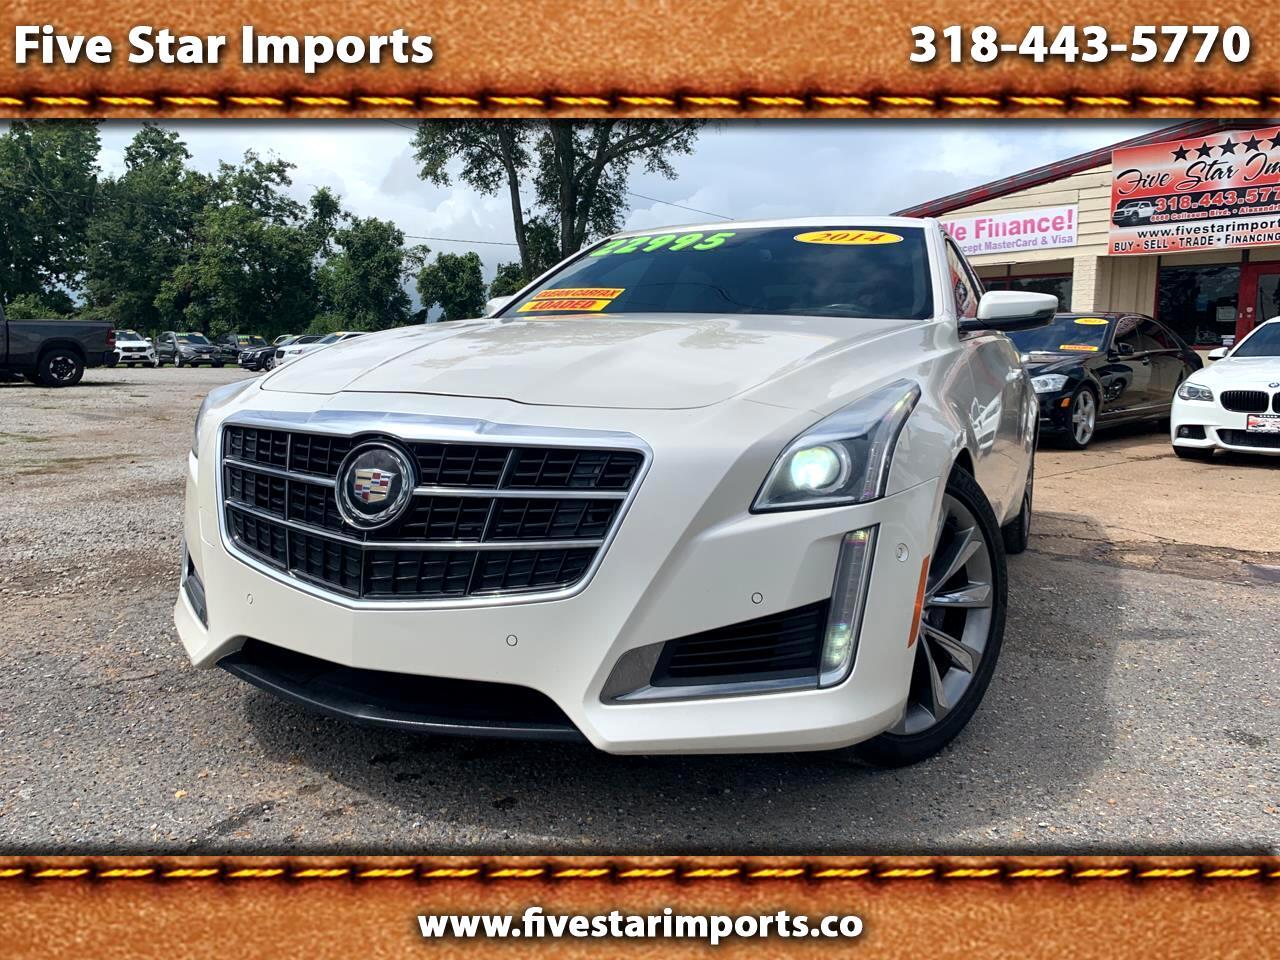 Cadillac CTS Sedan 4dr Sdn 3.6L Twin Turbo Vsport Premium RWD 2014